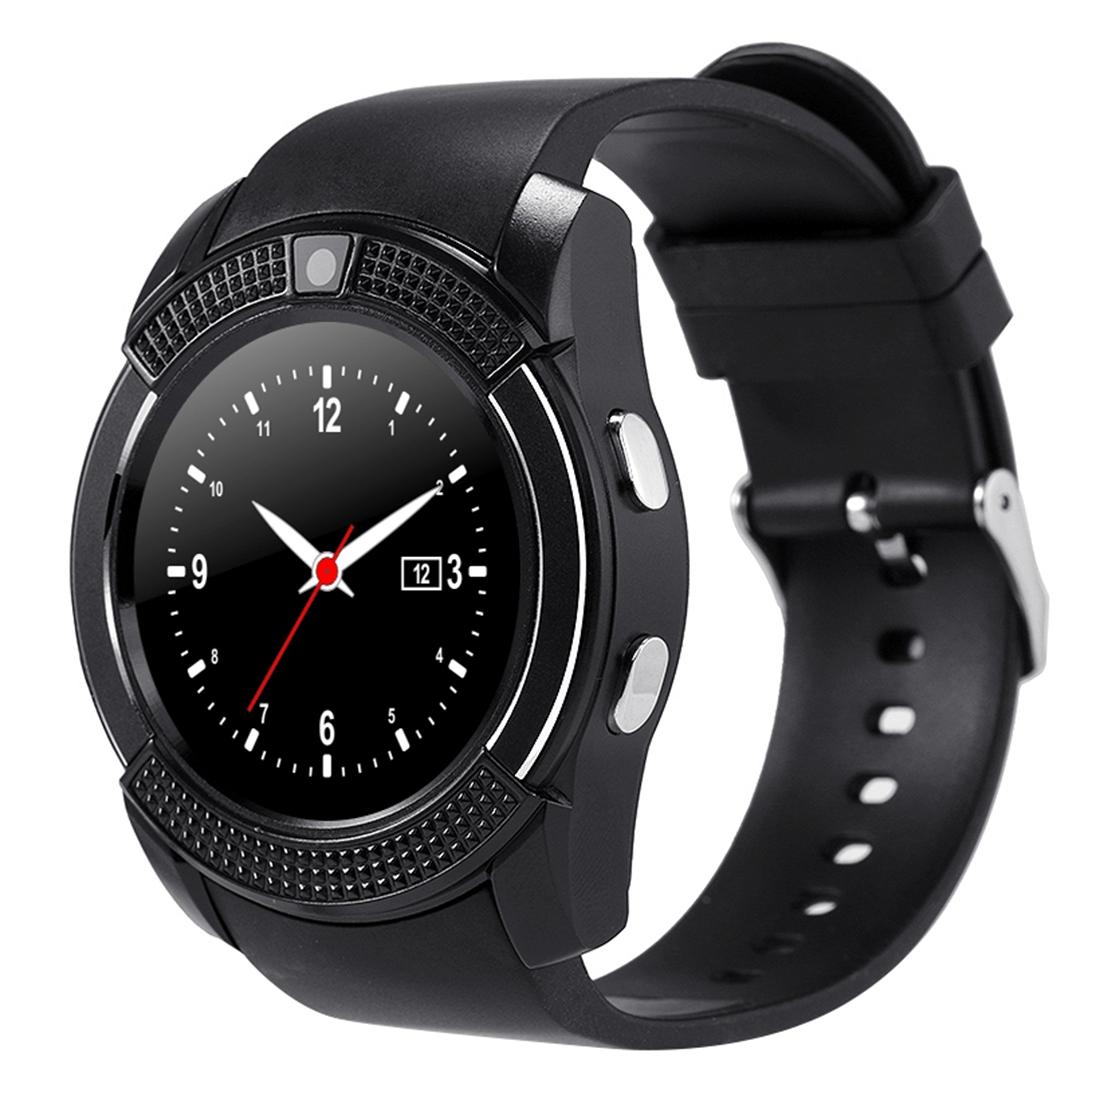 X-Watch Xwatch V8 1,22 palcový dotykový displej, 2G volání, Bluetooth Smart hodinky s 0.3MP fotoaparátem, pedometer, hudební přehrávač, sledování spánku, vzdálené snímání, TF karta, černá